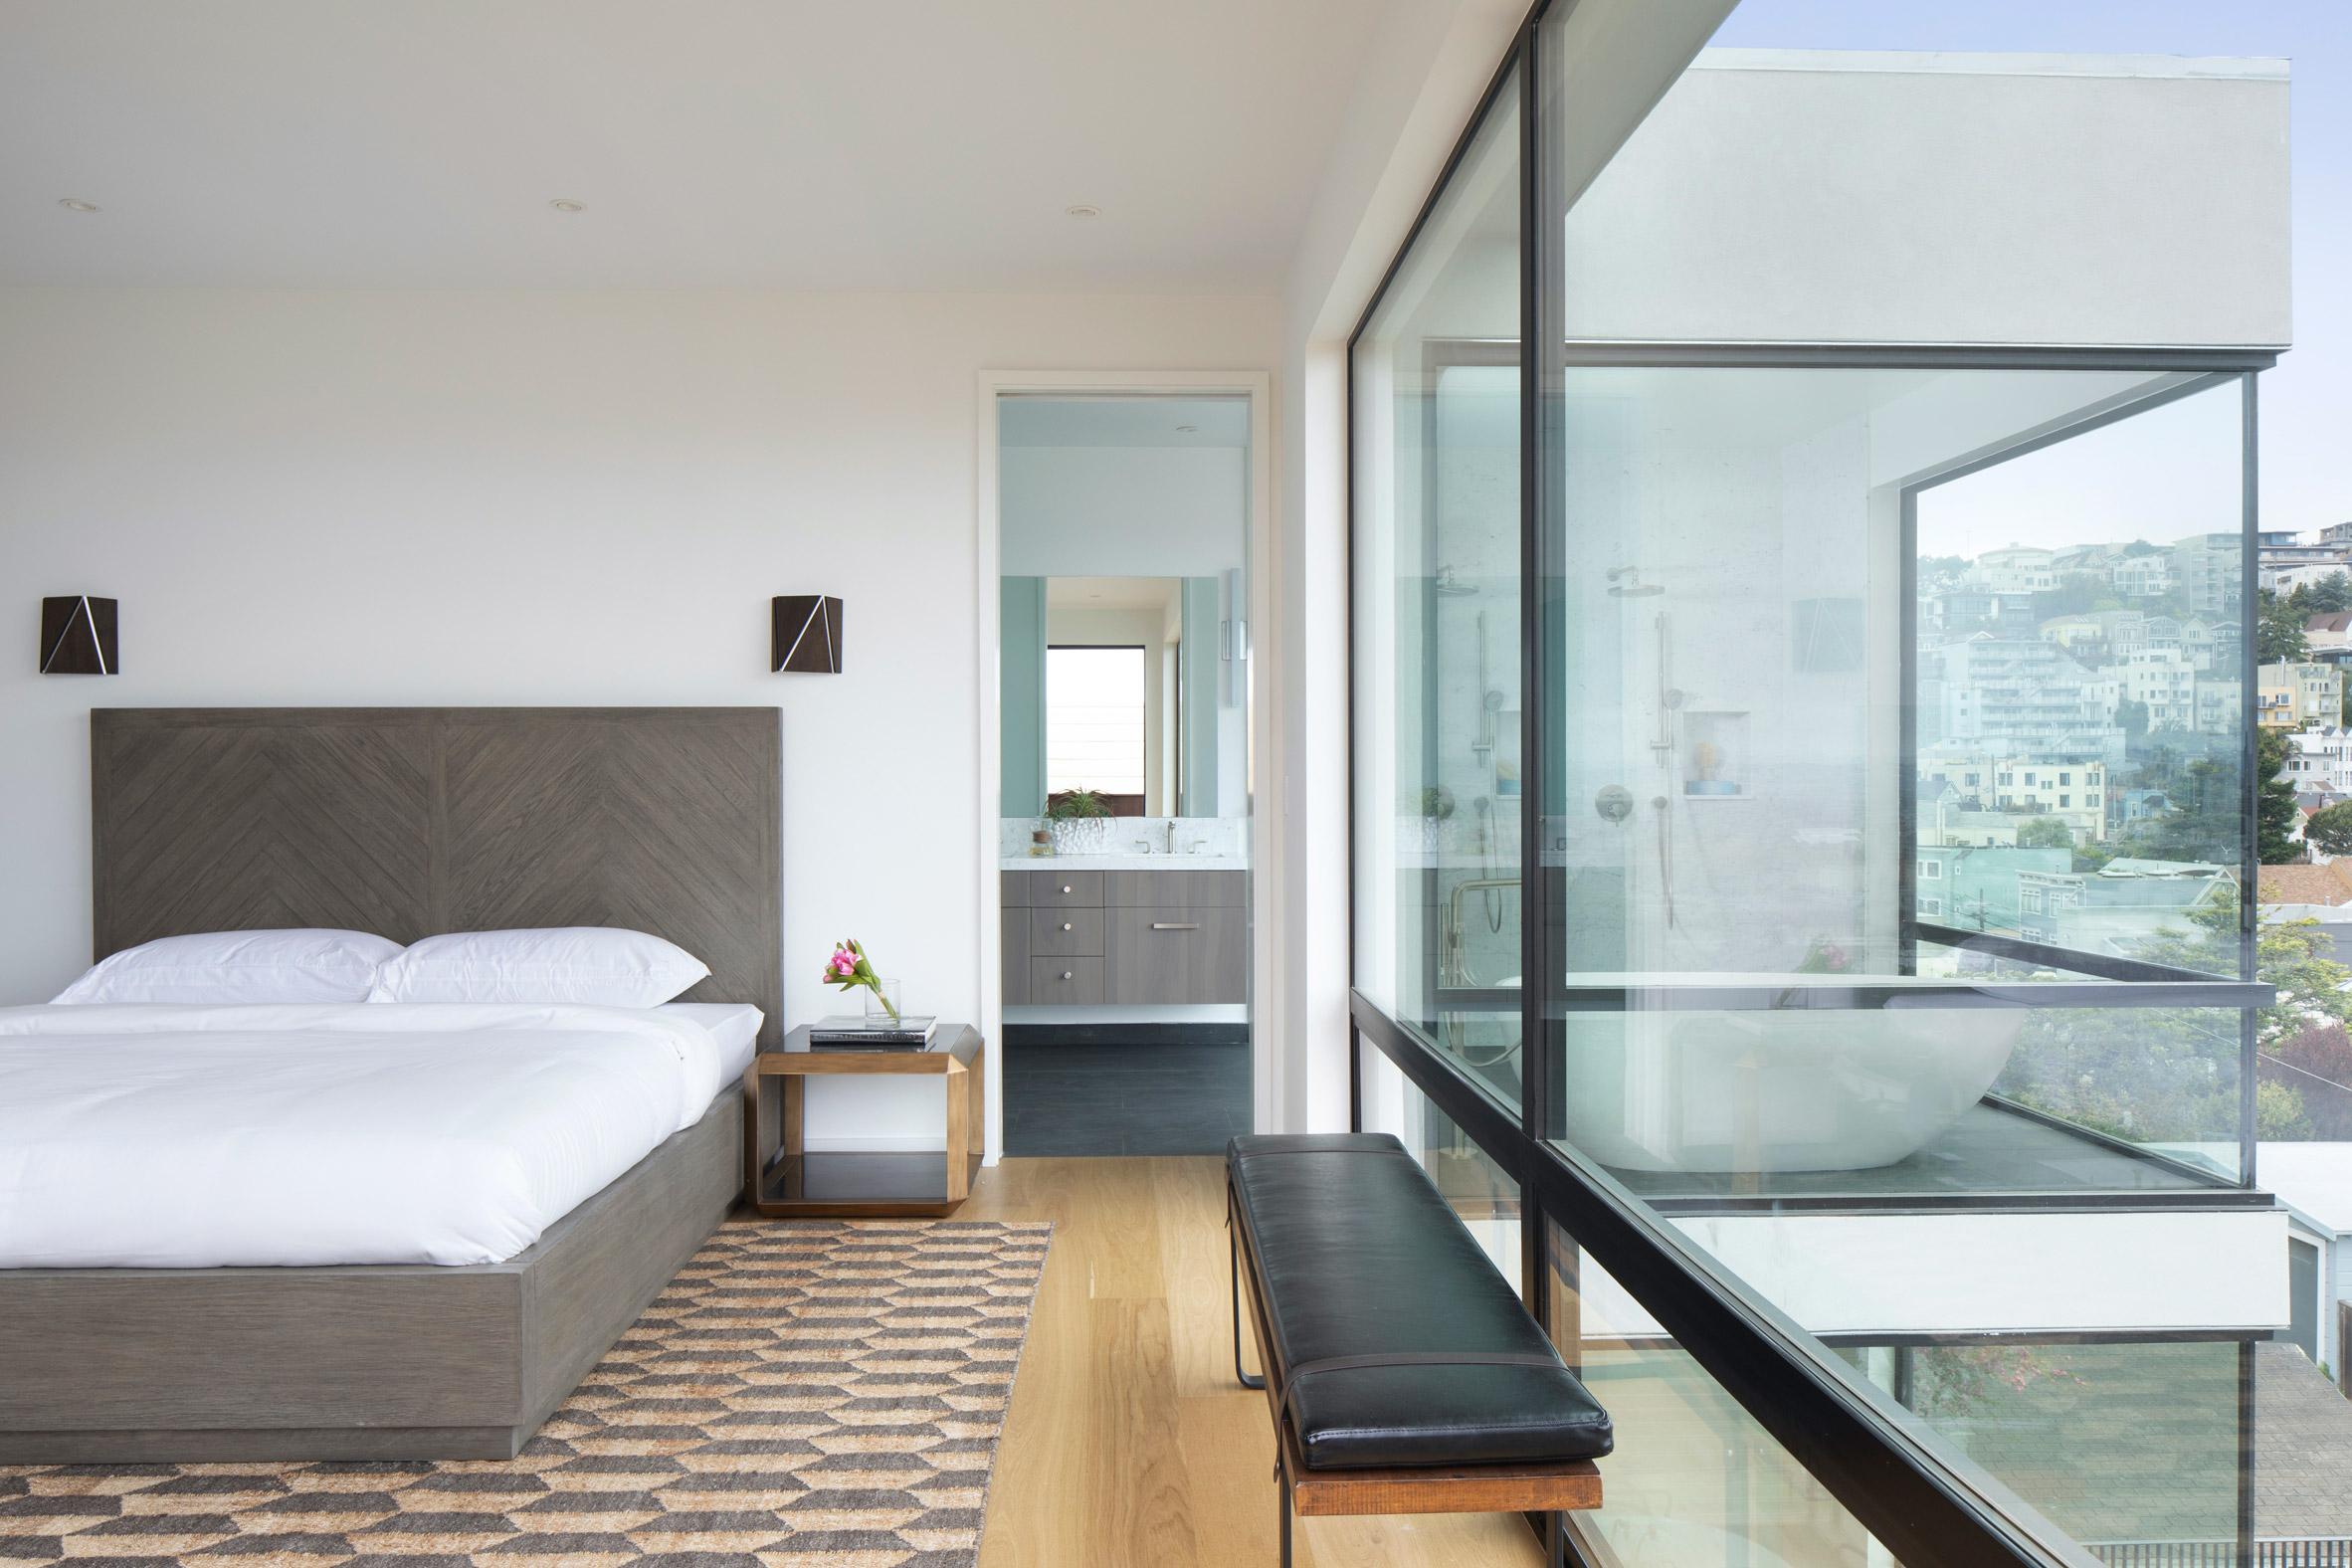 Thiết kế nội thất căn hộ 90m2 7